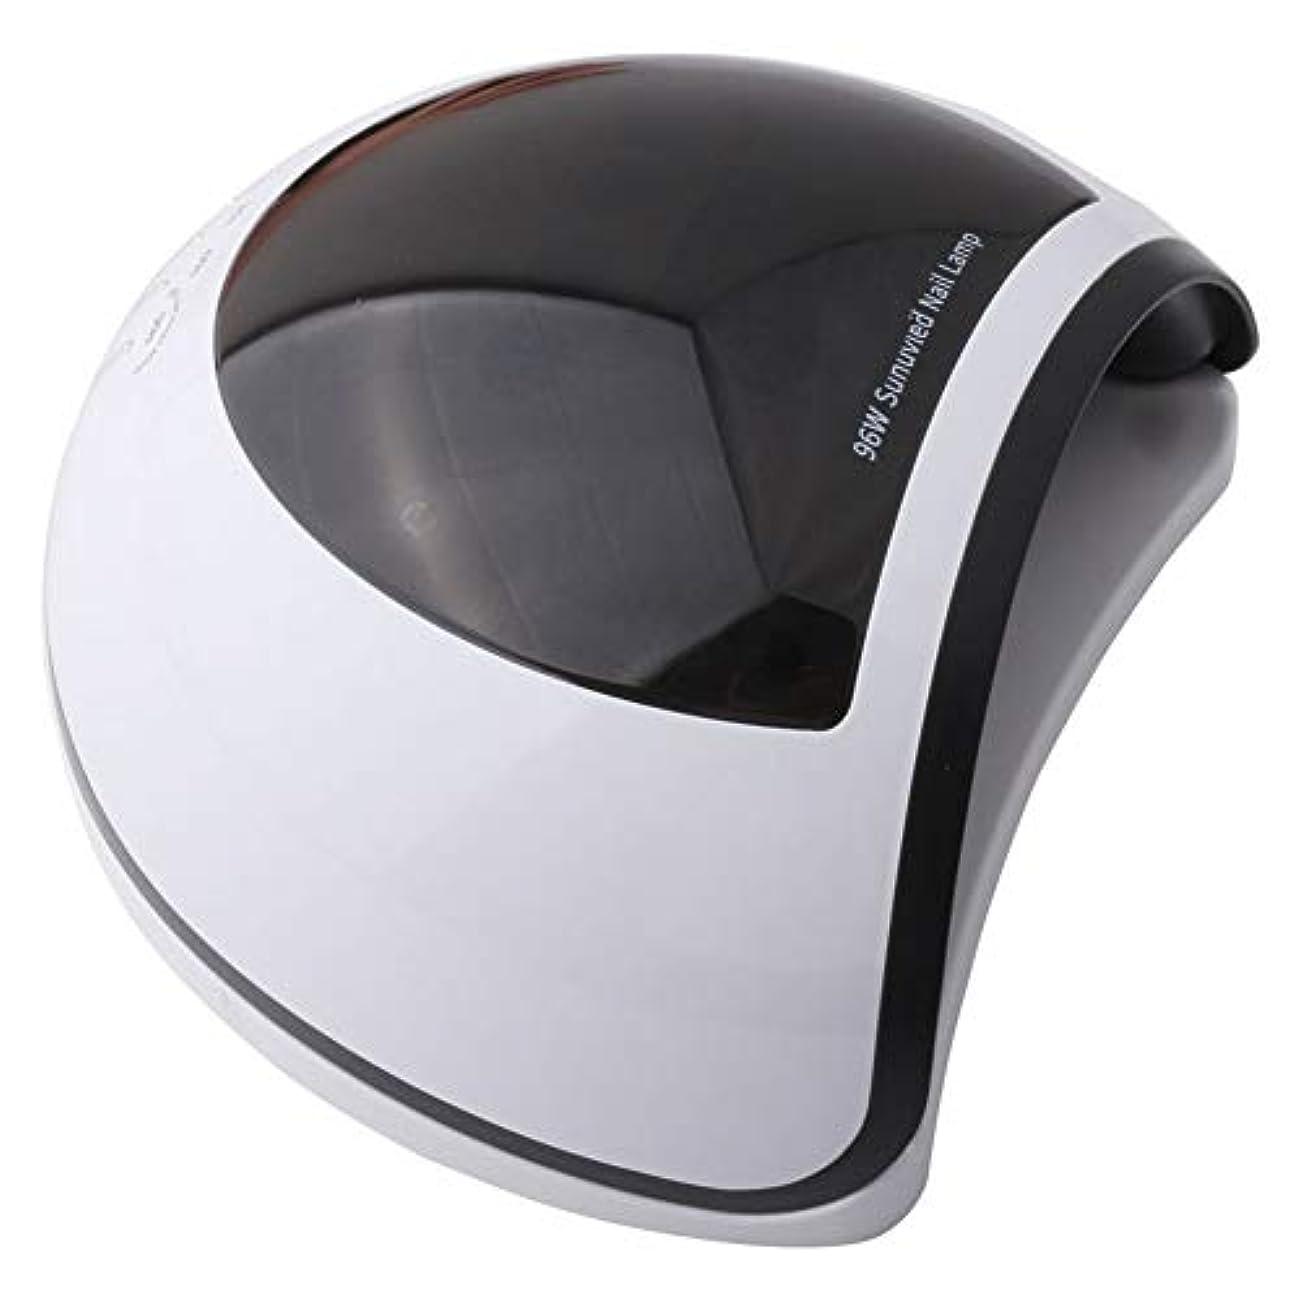 シチリア叙情的なストライドネイルドライヤー - 光線療法ネイルマシン96Wハイパワーマルチスピードタイミング無痛モード速硬化ランプ